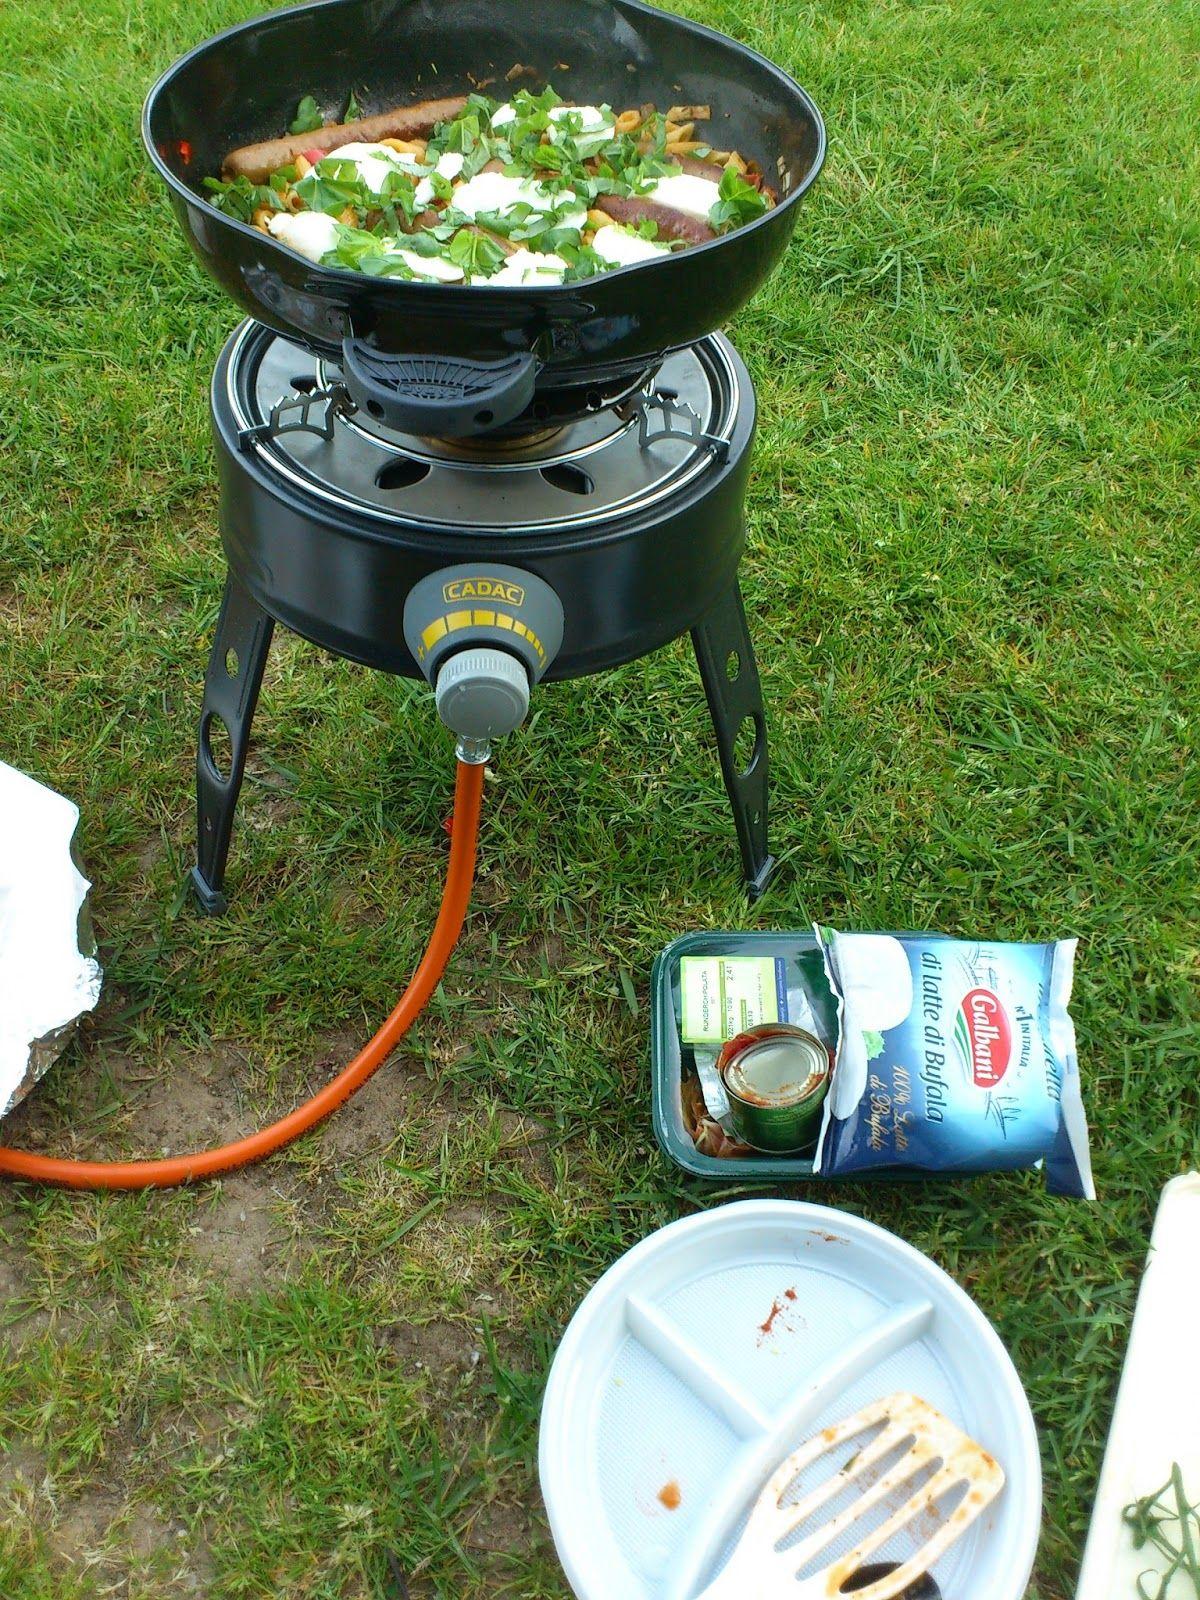 The Best Ways To Have Fun When Camping Click Image To Read More Details Campingadvice Koken Op De Camping Kampeermaaltijden Kampvuur Koken